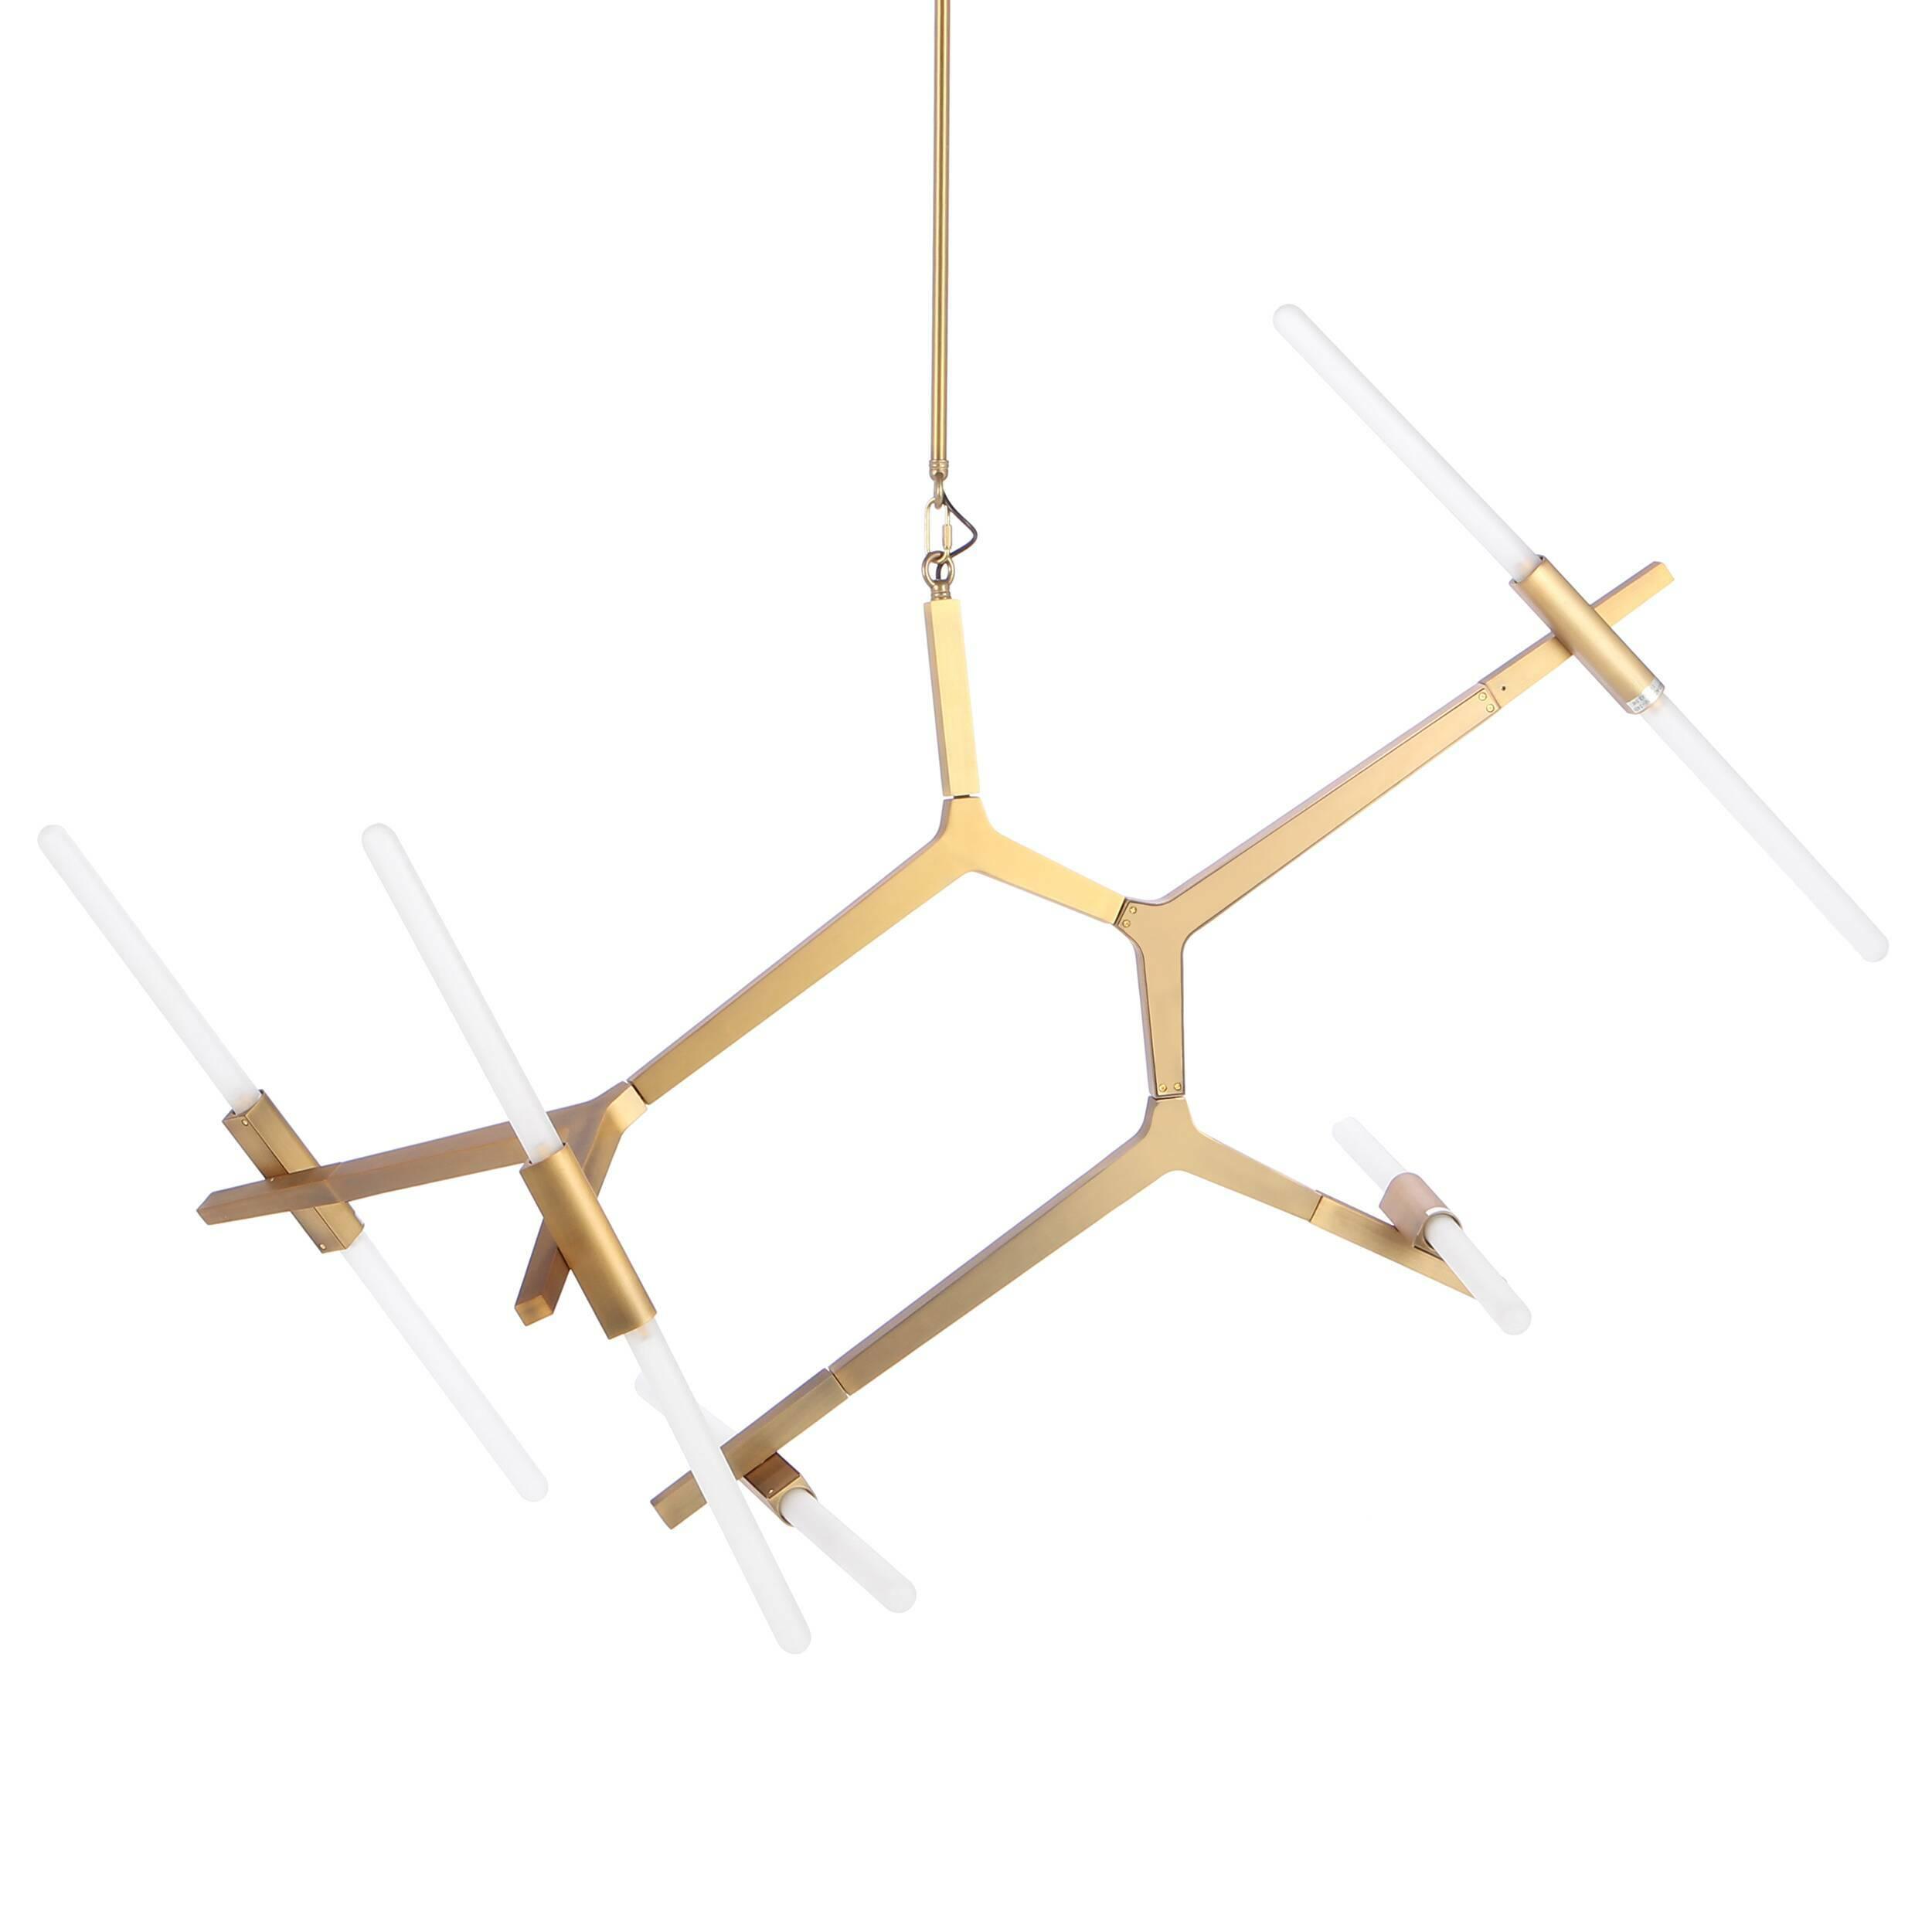 Подвесной светильник Agnes Summer 10 лампПодвесные<br>Подвесной светильник Agnes Summer 10 ламп<br>— это один из представителей замечательной коллекции светильников, созданных известным западным дизайнером Линдси Адельман. Данная коллекция отличается особой модульной структурой, благодаря которой в коллекции можно найти как небольшие светильники из нескольких ламп, так и действительно сложные конфигурации из множества ламп.<br><br><br> Светильник обладает очень стильным современным дизайном. Его плафоны изготовлены из непрозрачного стекла белого цв...<br><br>stock: 1<br>Высота: 140<br>Диаметр: 110<br>Количество ламп: 10<br>Материал абажура: Стекло<br>Материал арматуры: Сталь<br>Мощность лампы: 3.5<br>Ламп в комплекте: Да<br>Напряжение: 220<br>Тип лампы/цоколь: G9 LED<br>Цвет абажура: Белый<br>Цвет арматуры: Бронза золотая матовая